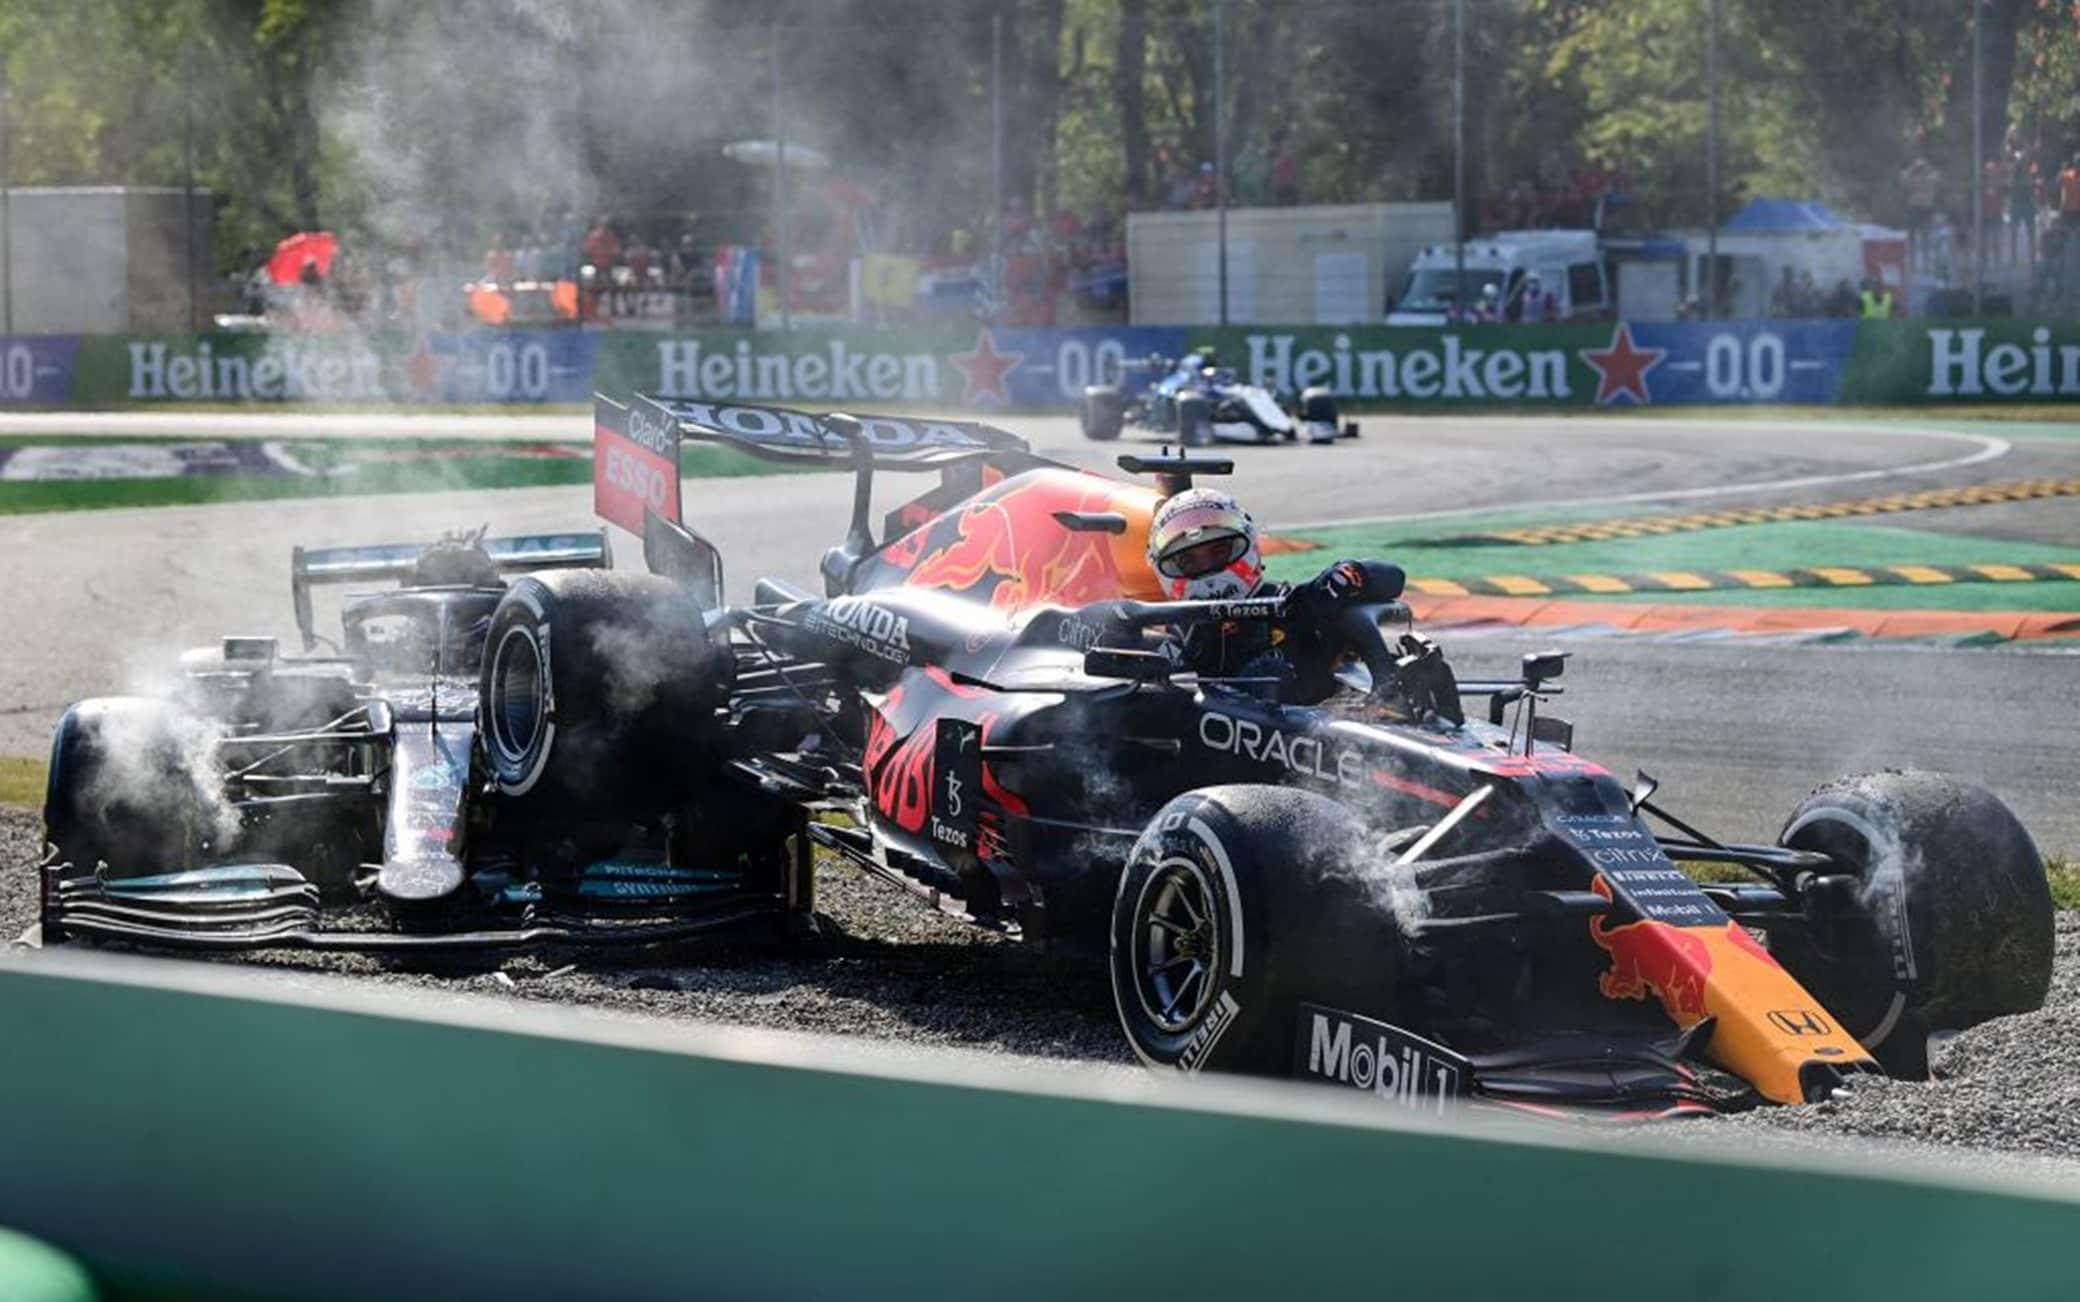 L'incidente tra Hamilton e Verstappen a Monza